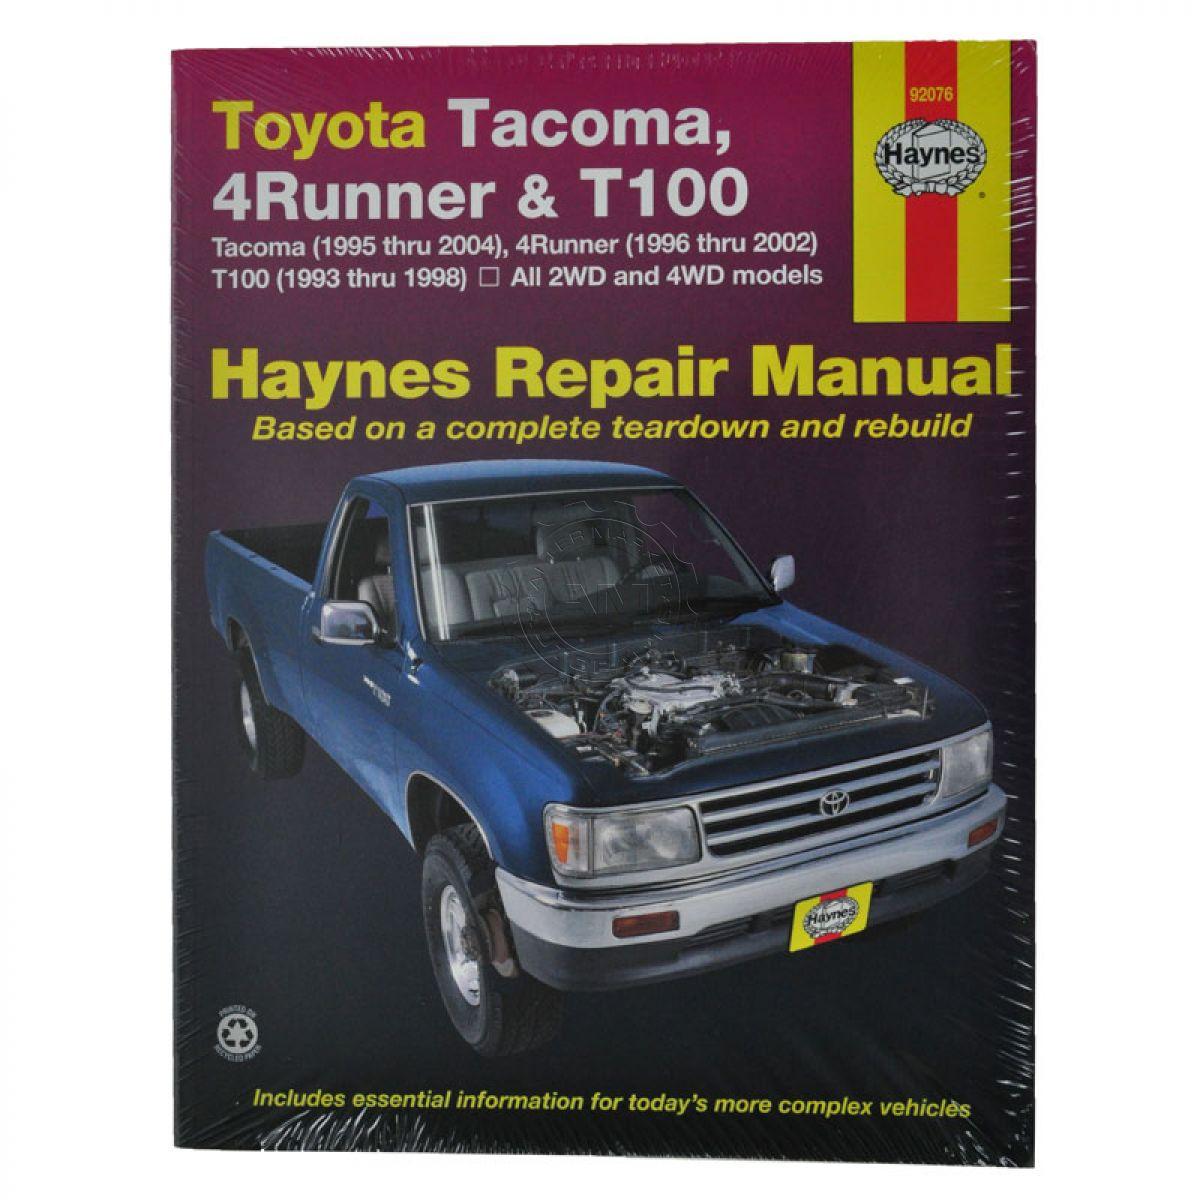 2007 toyota tacoma service manual